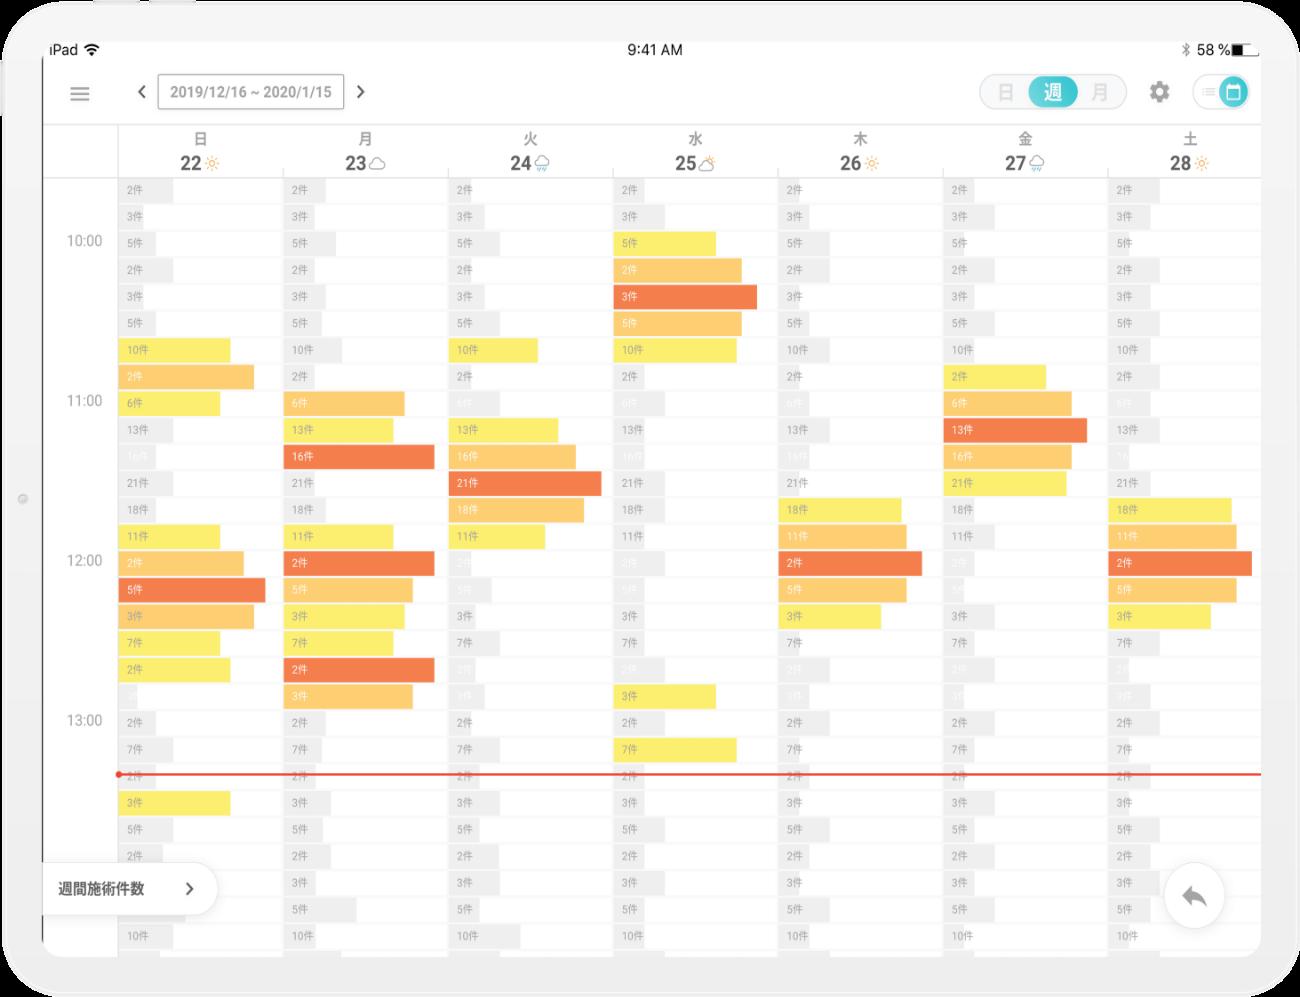 予約管理 - カレンダー(週表示)のモック